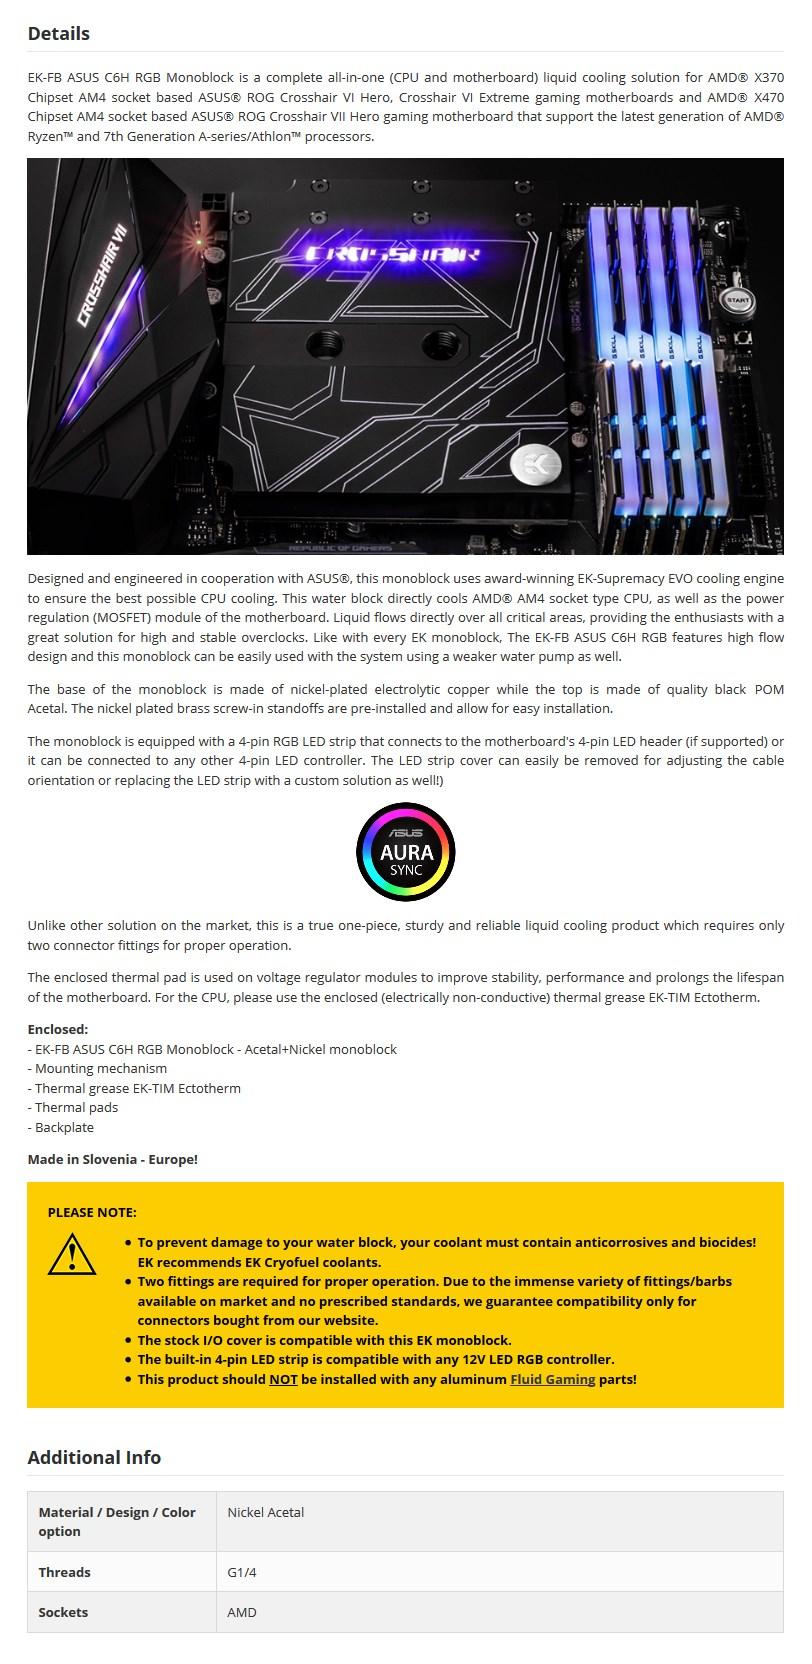 EKWB EK-FB ASUS C6H RGB Monoblock - Acetal+Nickel - Desktop Overview 2